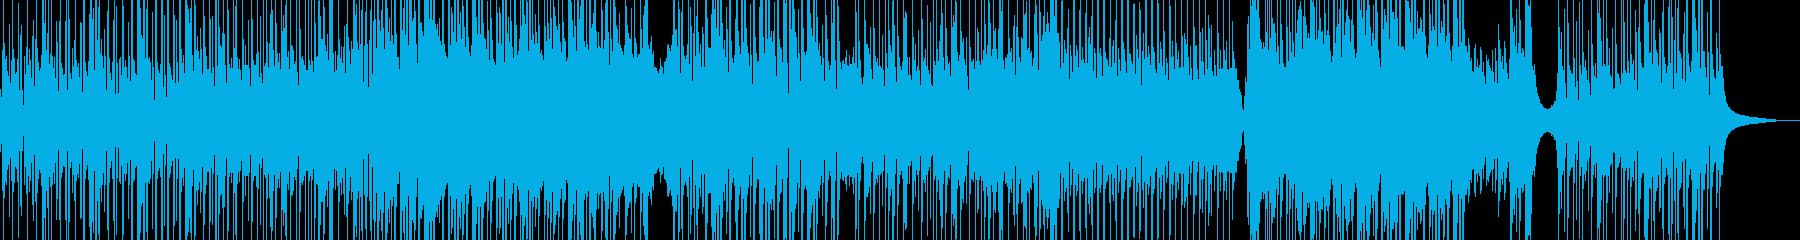 爽やかなギター・聞き流せるポップ 短尺★の再生済みの波形